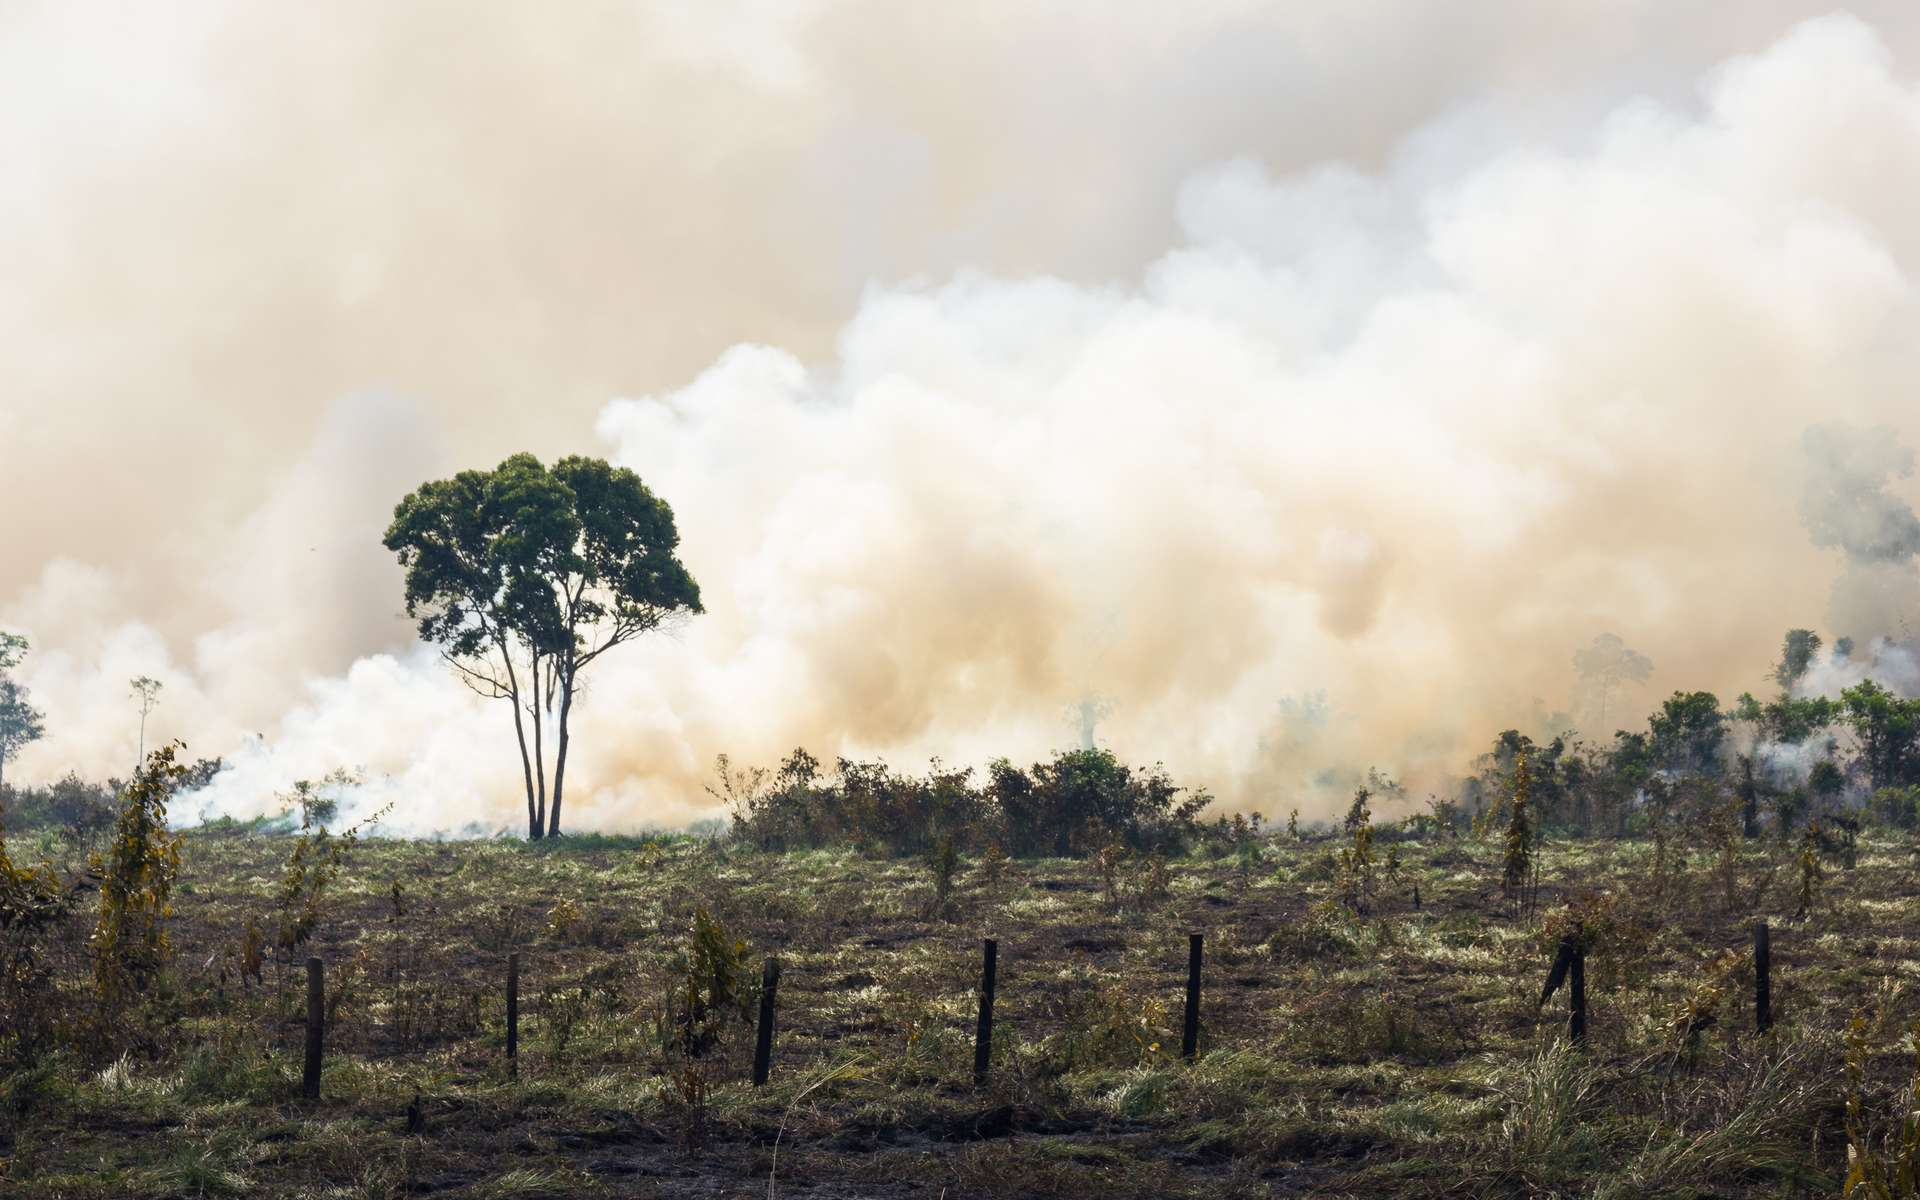 De janvier à septembre 2019, l'Amazonie a perdu 7.853 km² de forêt partis en fumée. © Pedarilhos, Adobe Stock